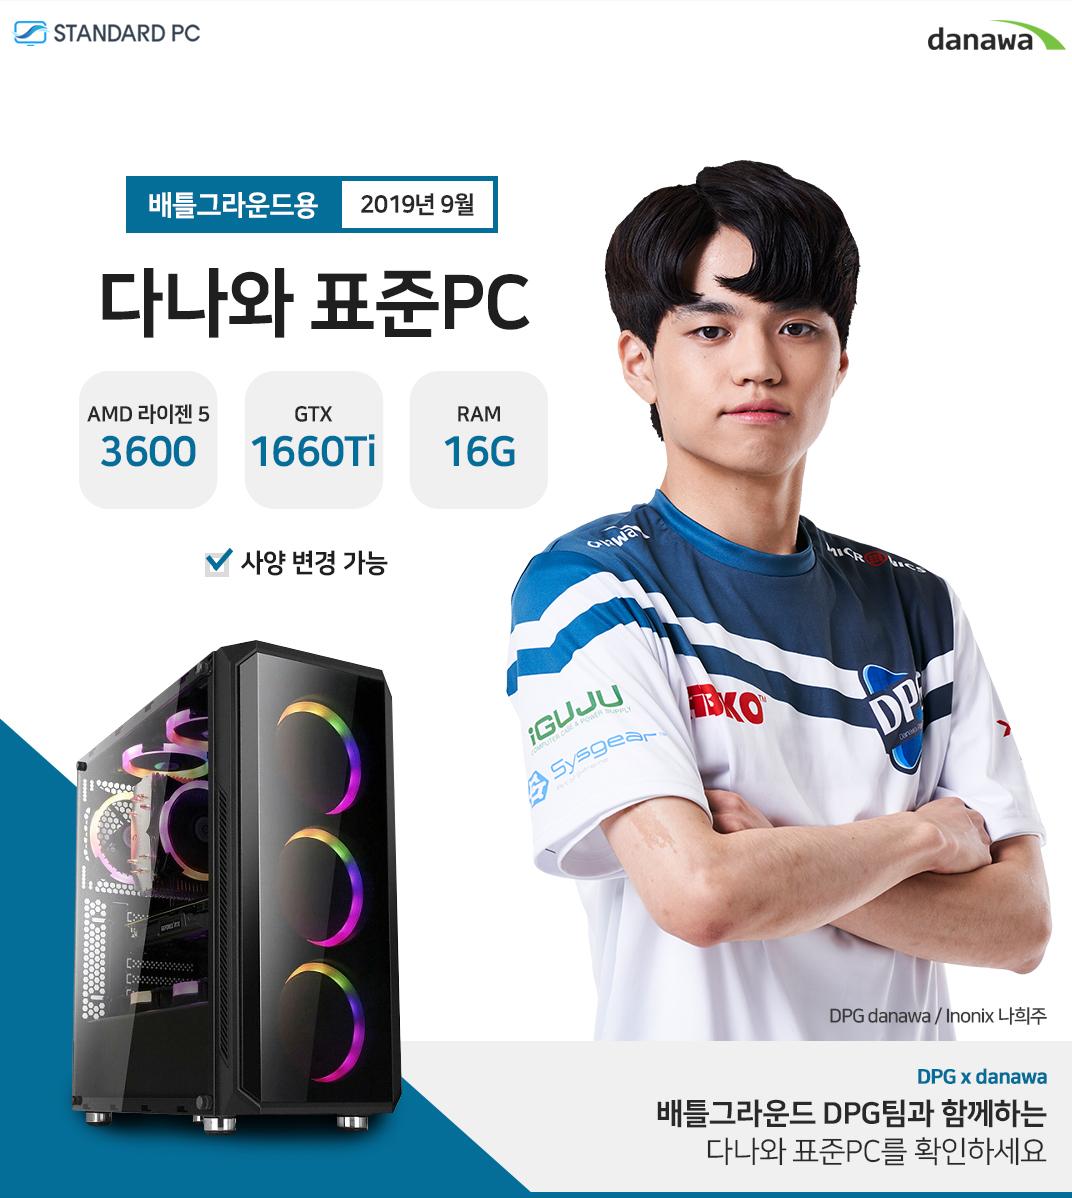 2019년 9월 다나와 표준PC 배틀그라운드용  AMD 라이젠 5 3600  GTX1660Ti RAM 16G